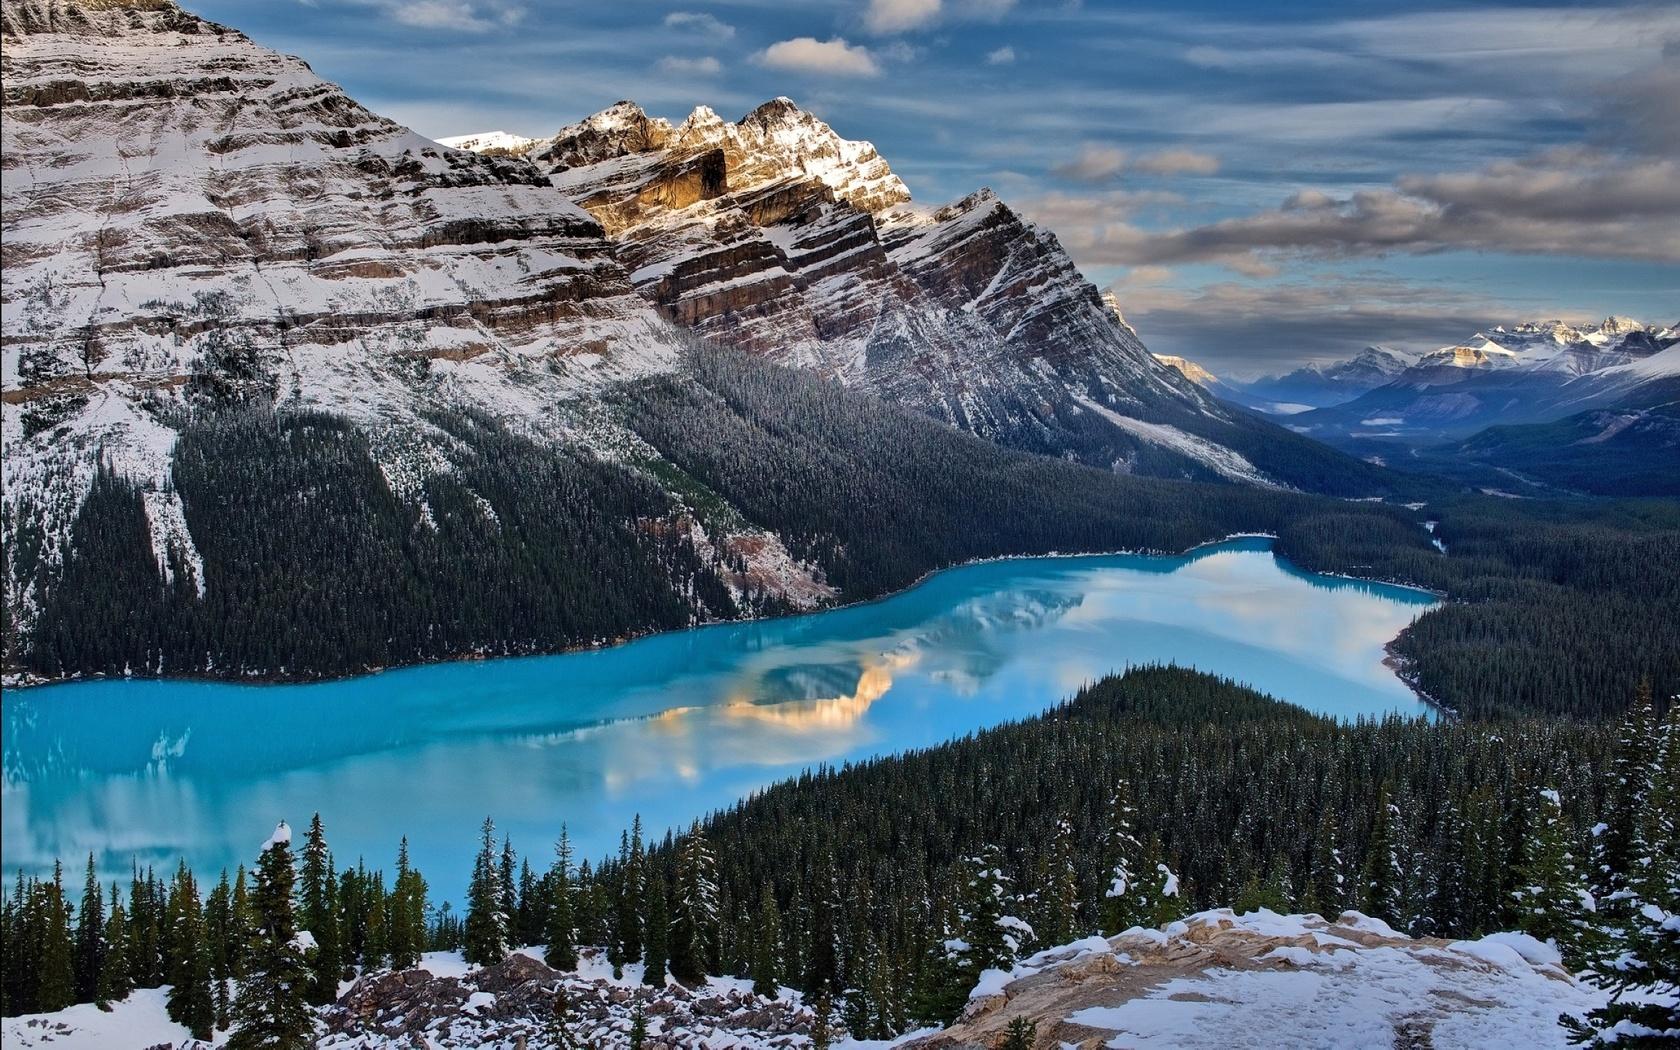 озеро пейто, канада.горы, снежная гора.озеро бирюза, лес.деревья